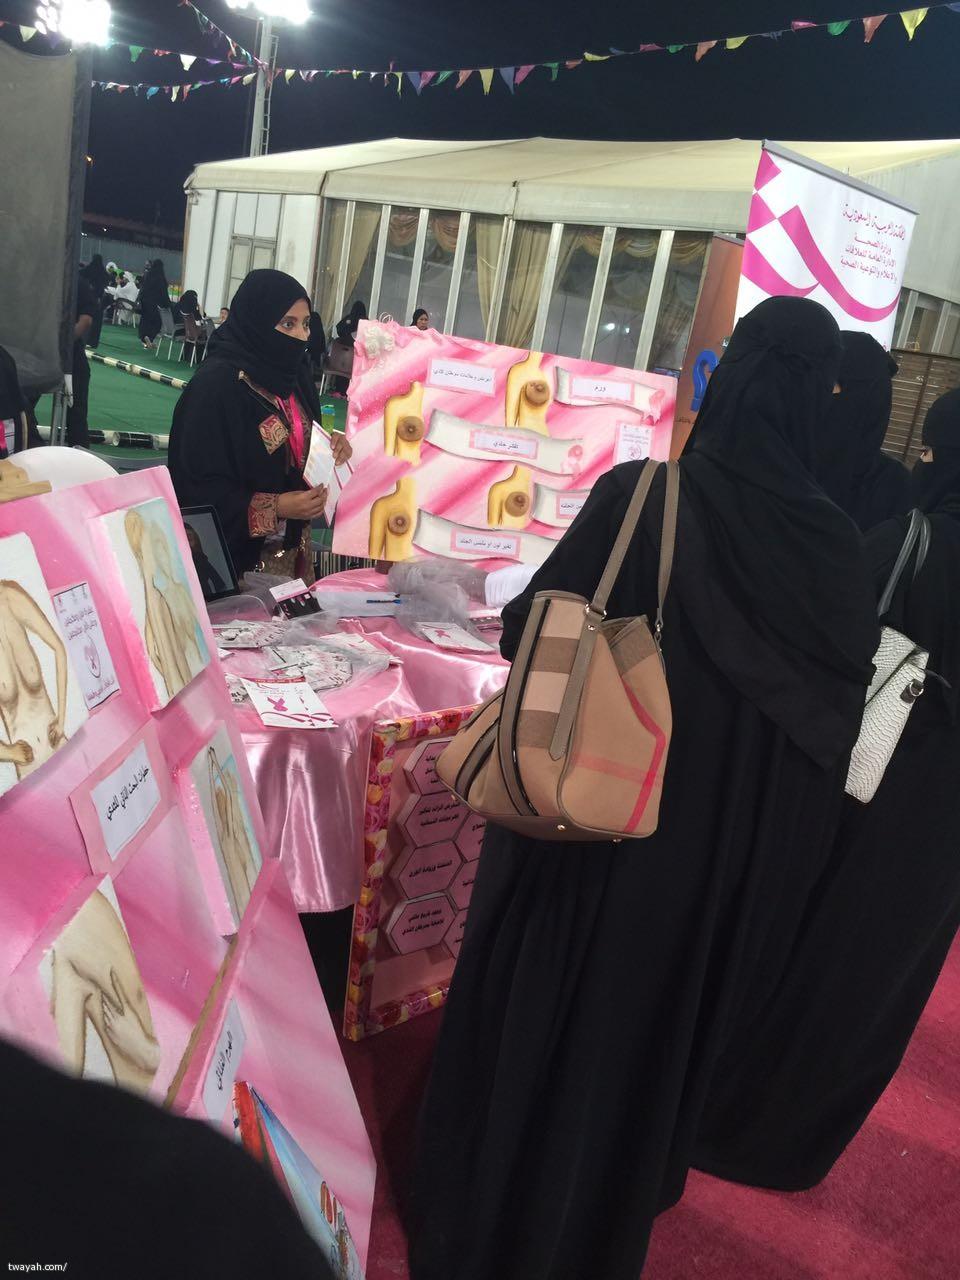 ركن توعوي عن سرطان الثدي بمهرجان طريق جدة مكة السريع 1438هـ